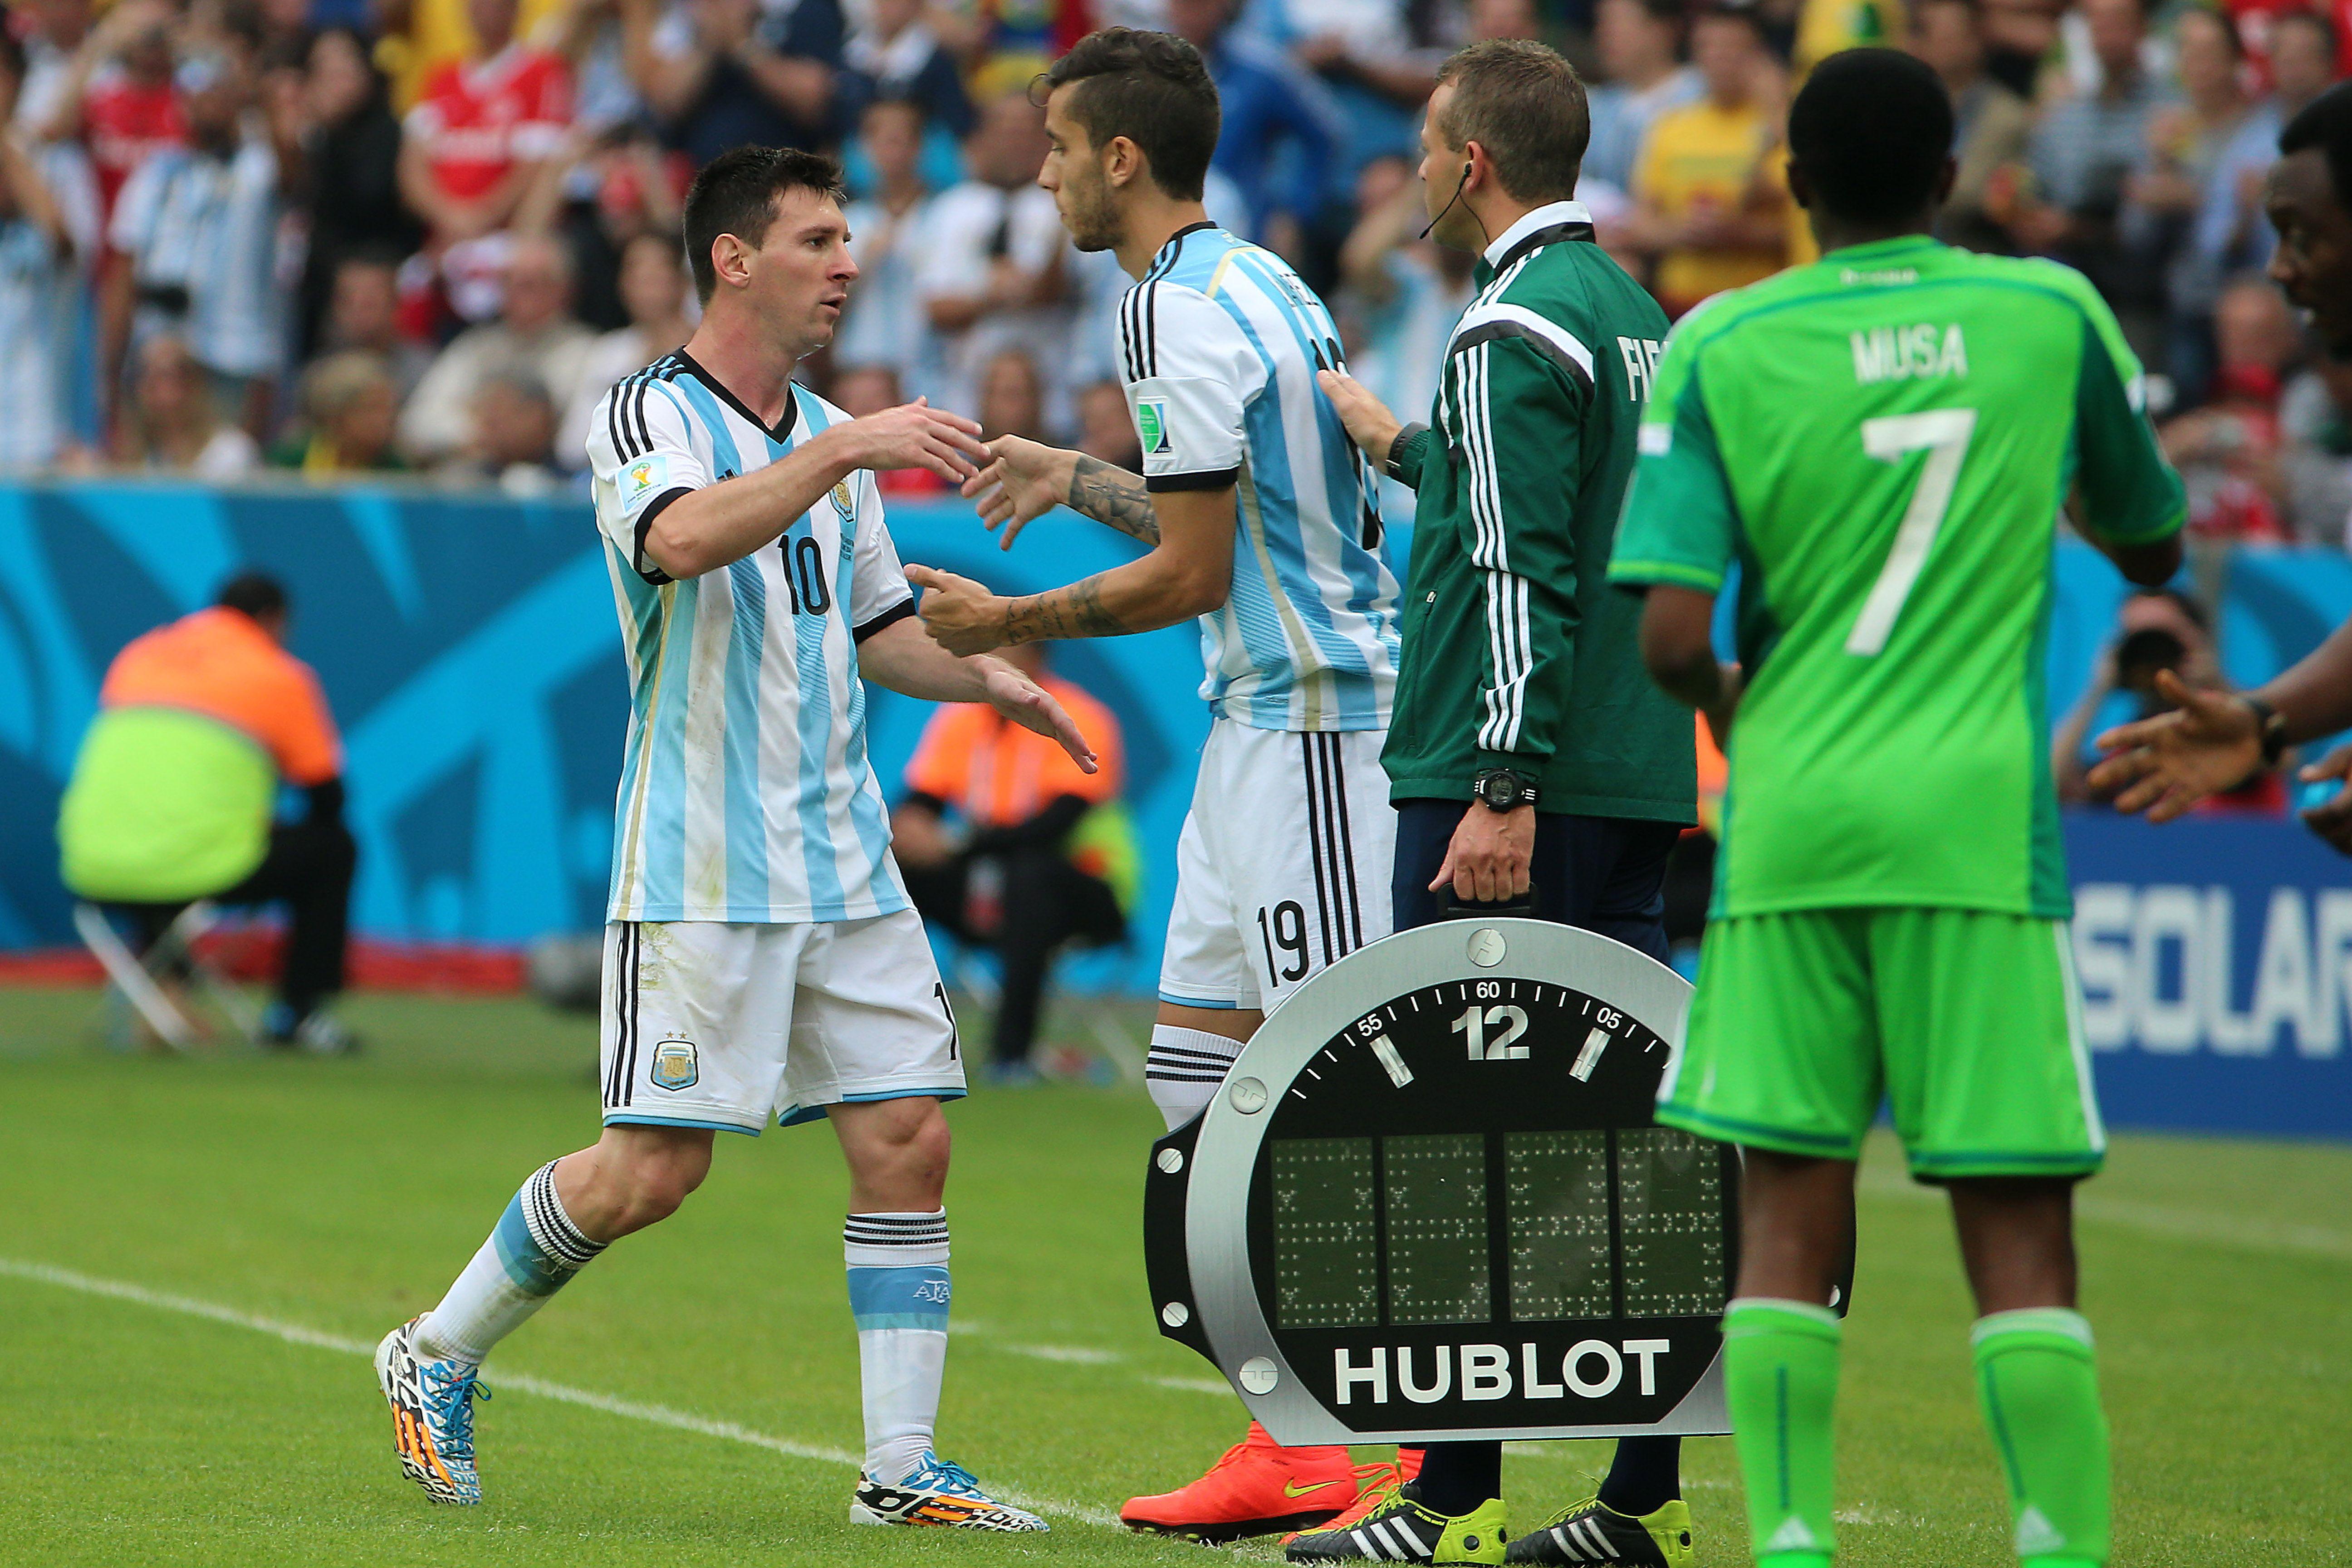 Messi le dejó su lugar a Ricky Álvarez tras marcar dos goles